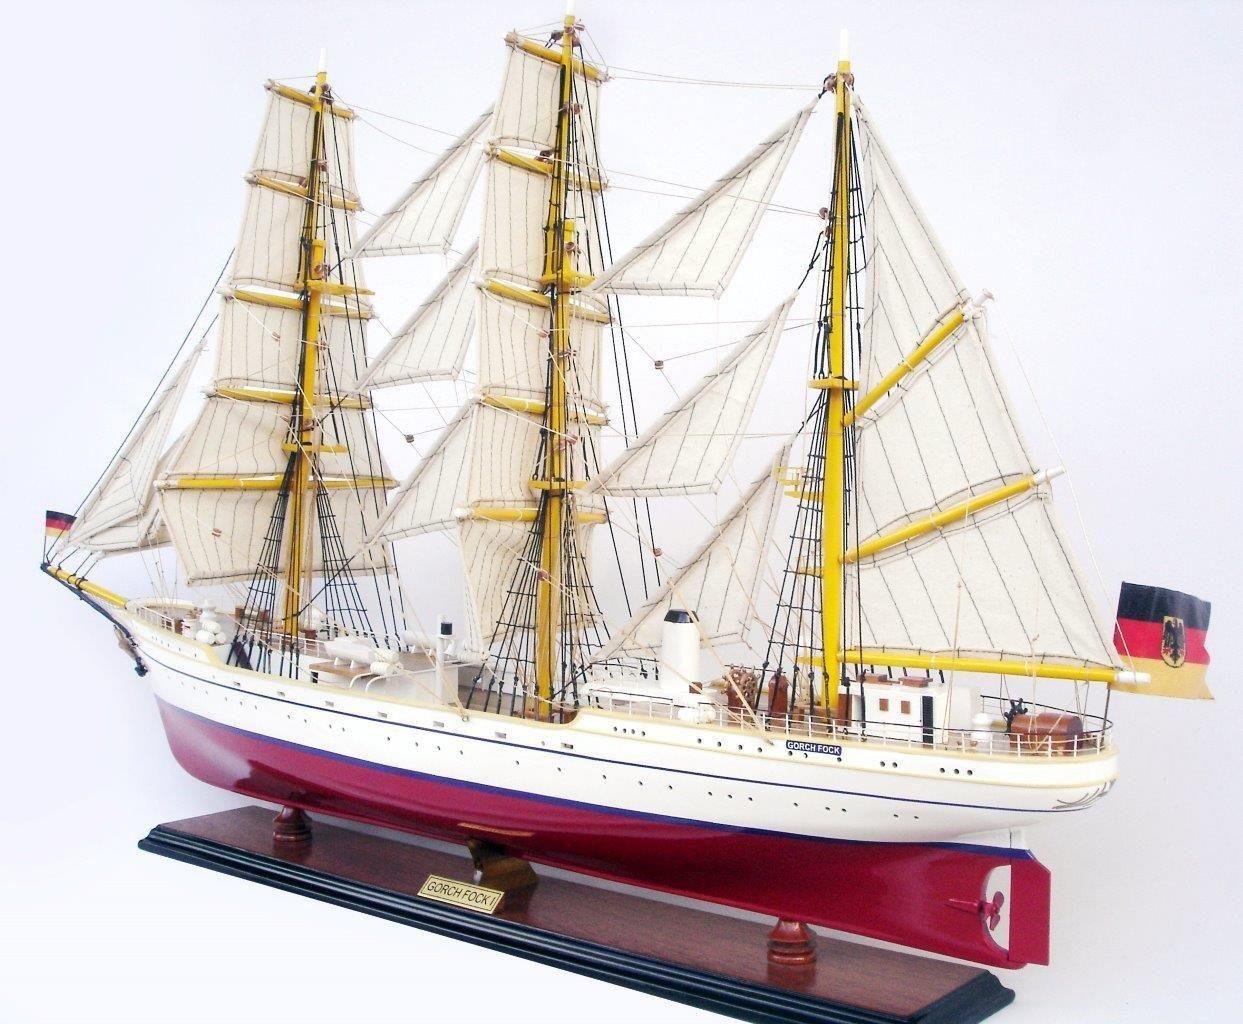 2068-12546-Gorch-Fock-II-Model-Boat